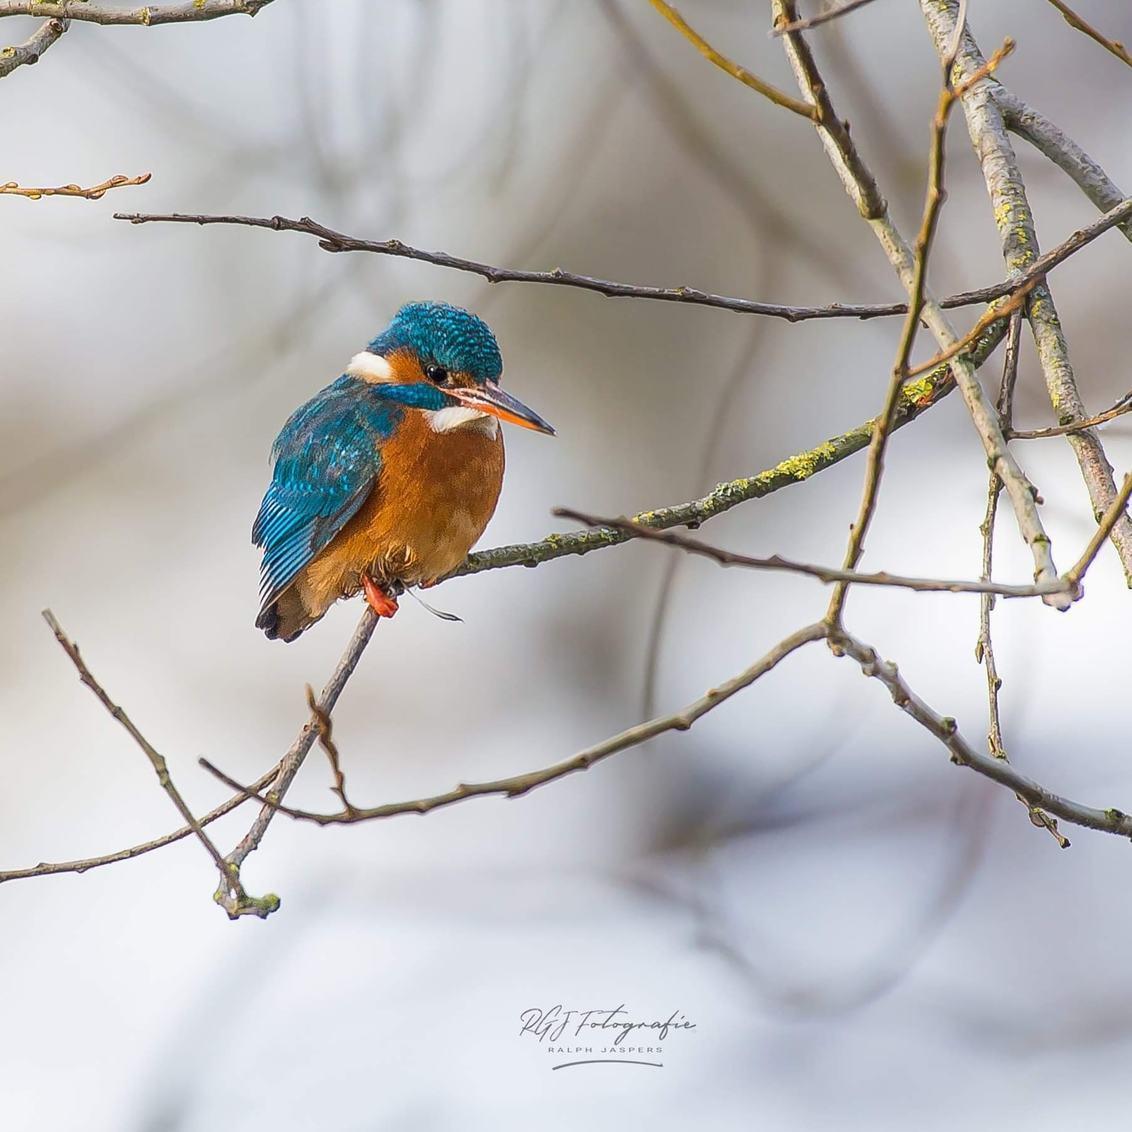 IJsvogel - - - foto door RGJ-fotografie op 17-02-2021 - deze foto bevat: zoom, natuur, sneeuw, dieren, vogel, bomen, awd, wildlife, ijsvogel